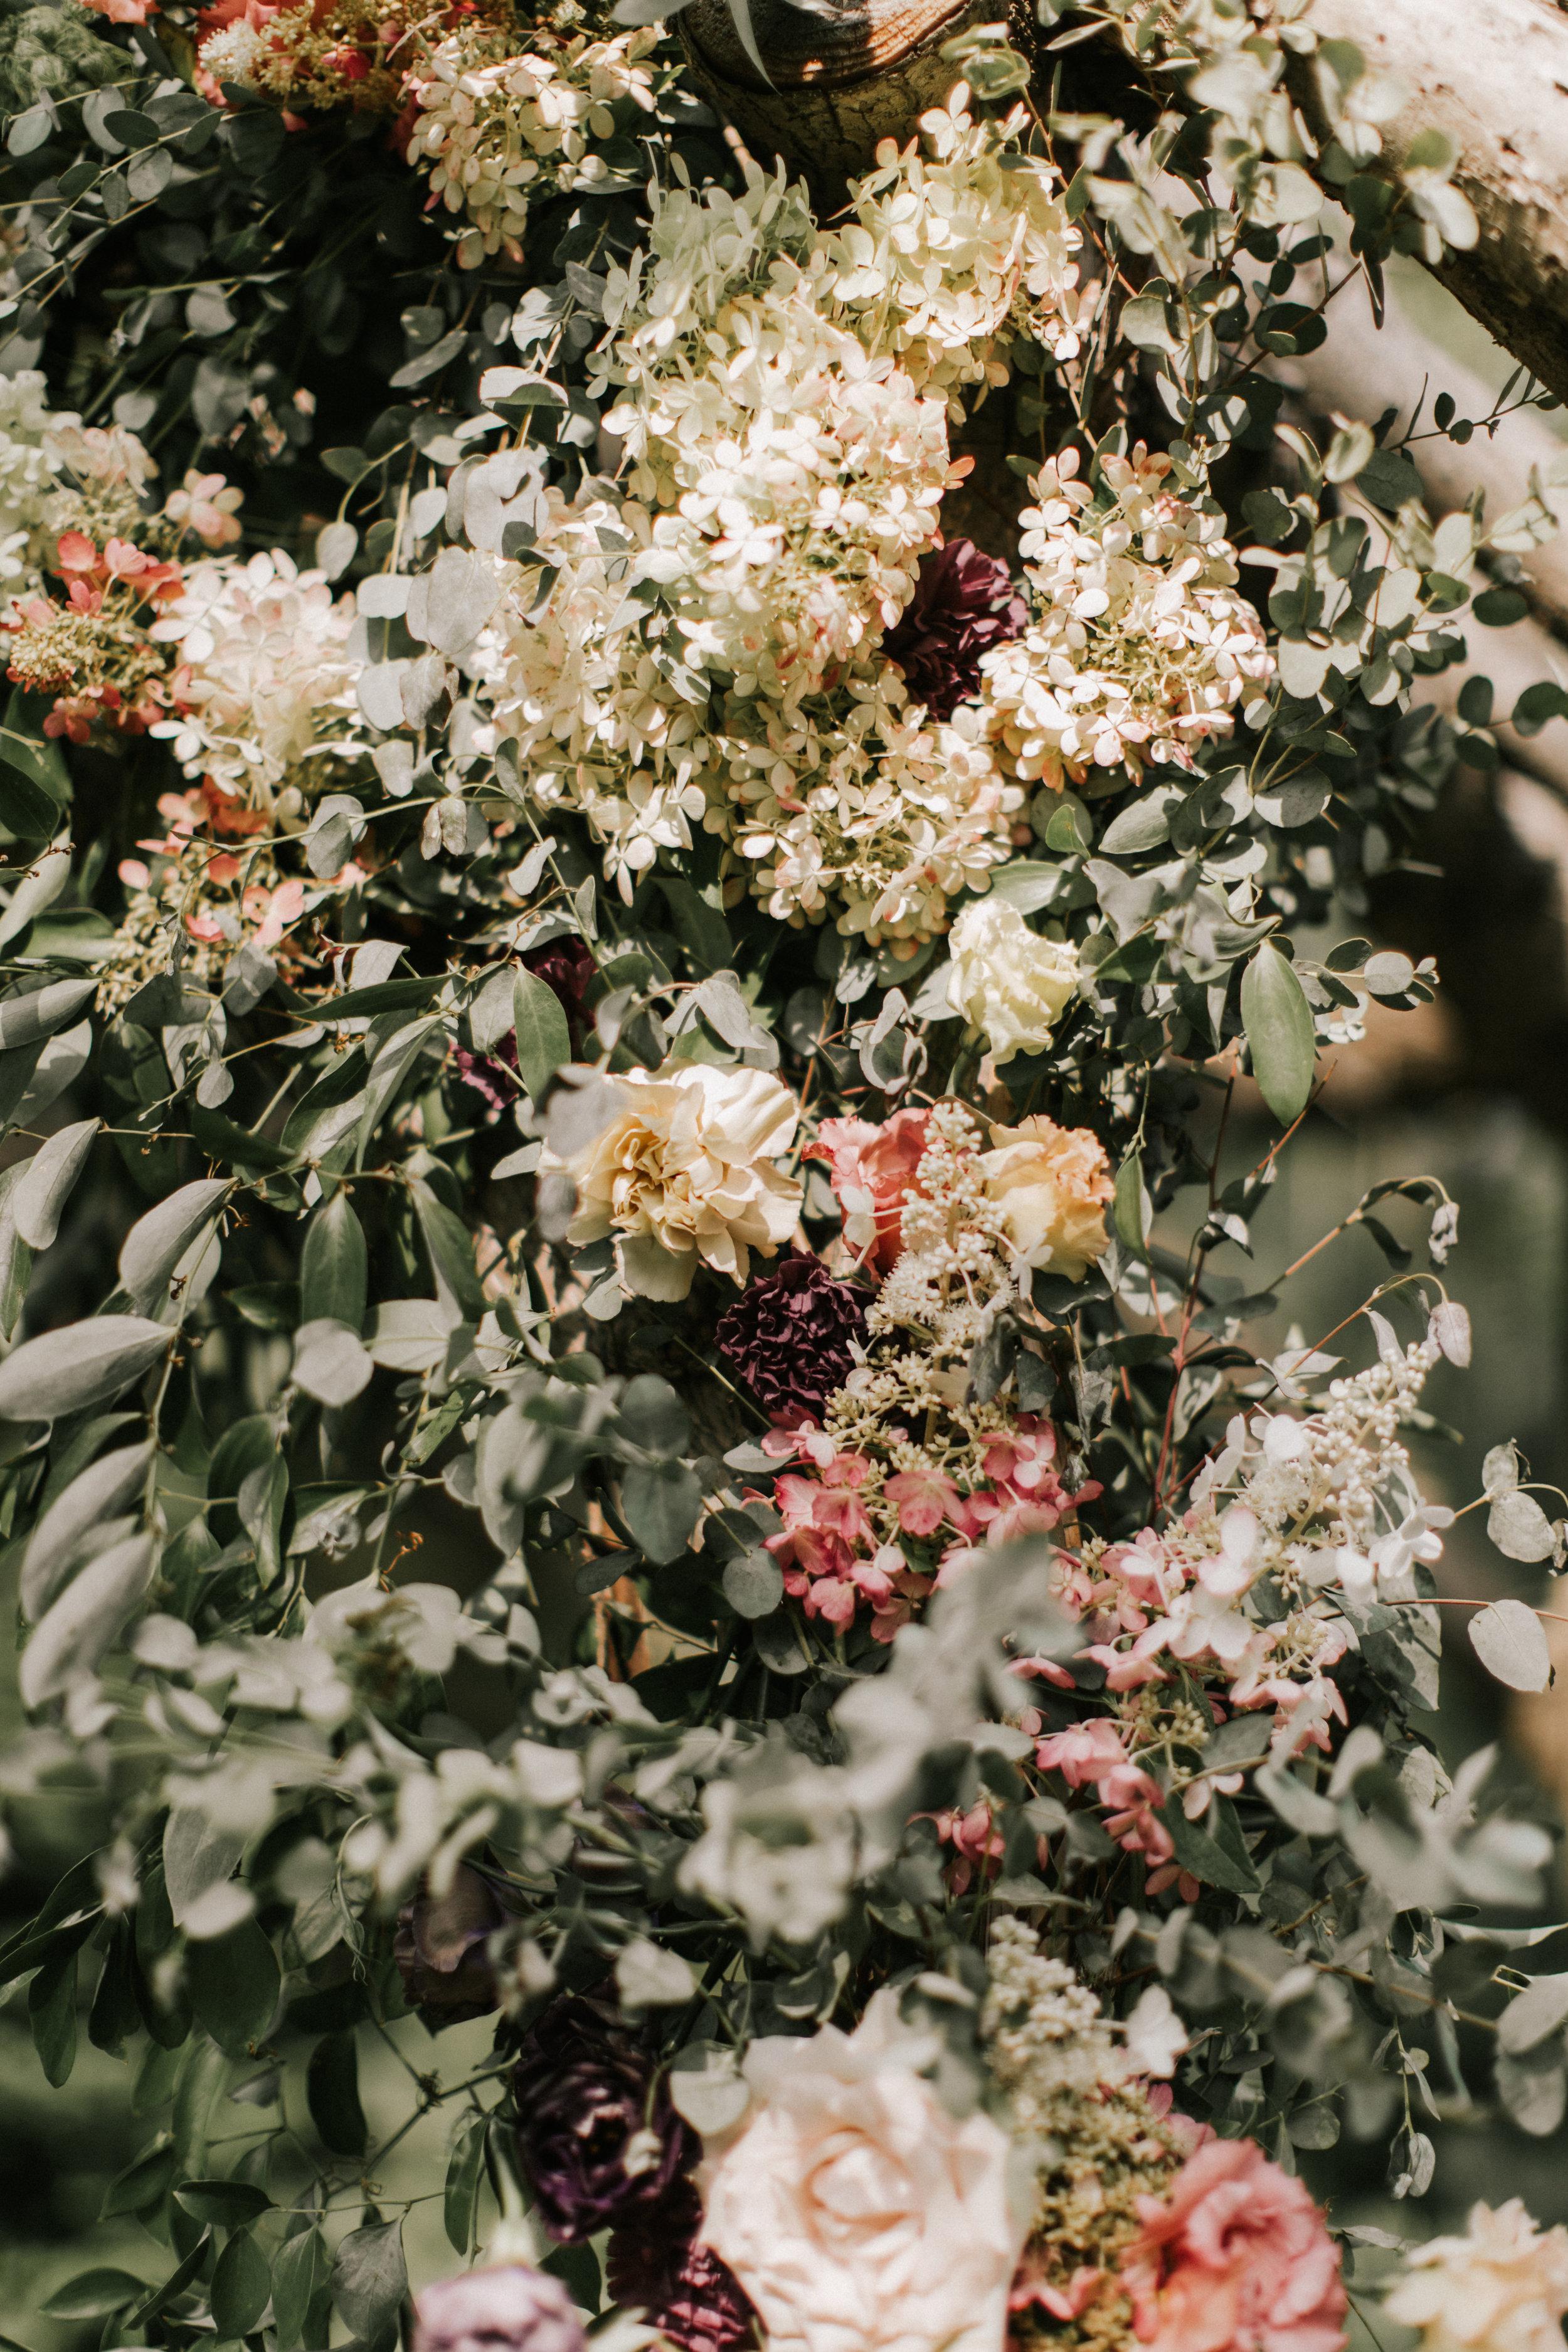 Watershed_Floral_Hidden_Pond_Melia+Kyle_jamiemercuriophoto2018-0169.jpg